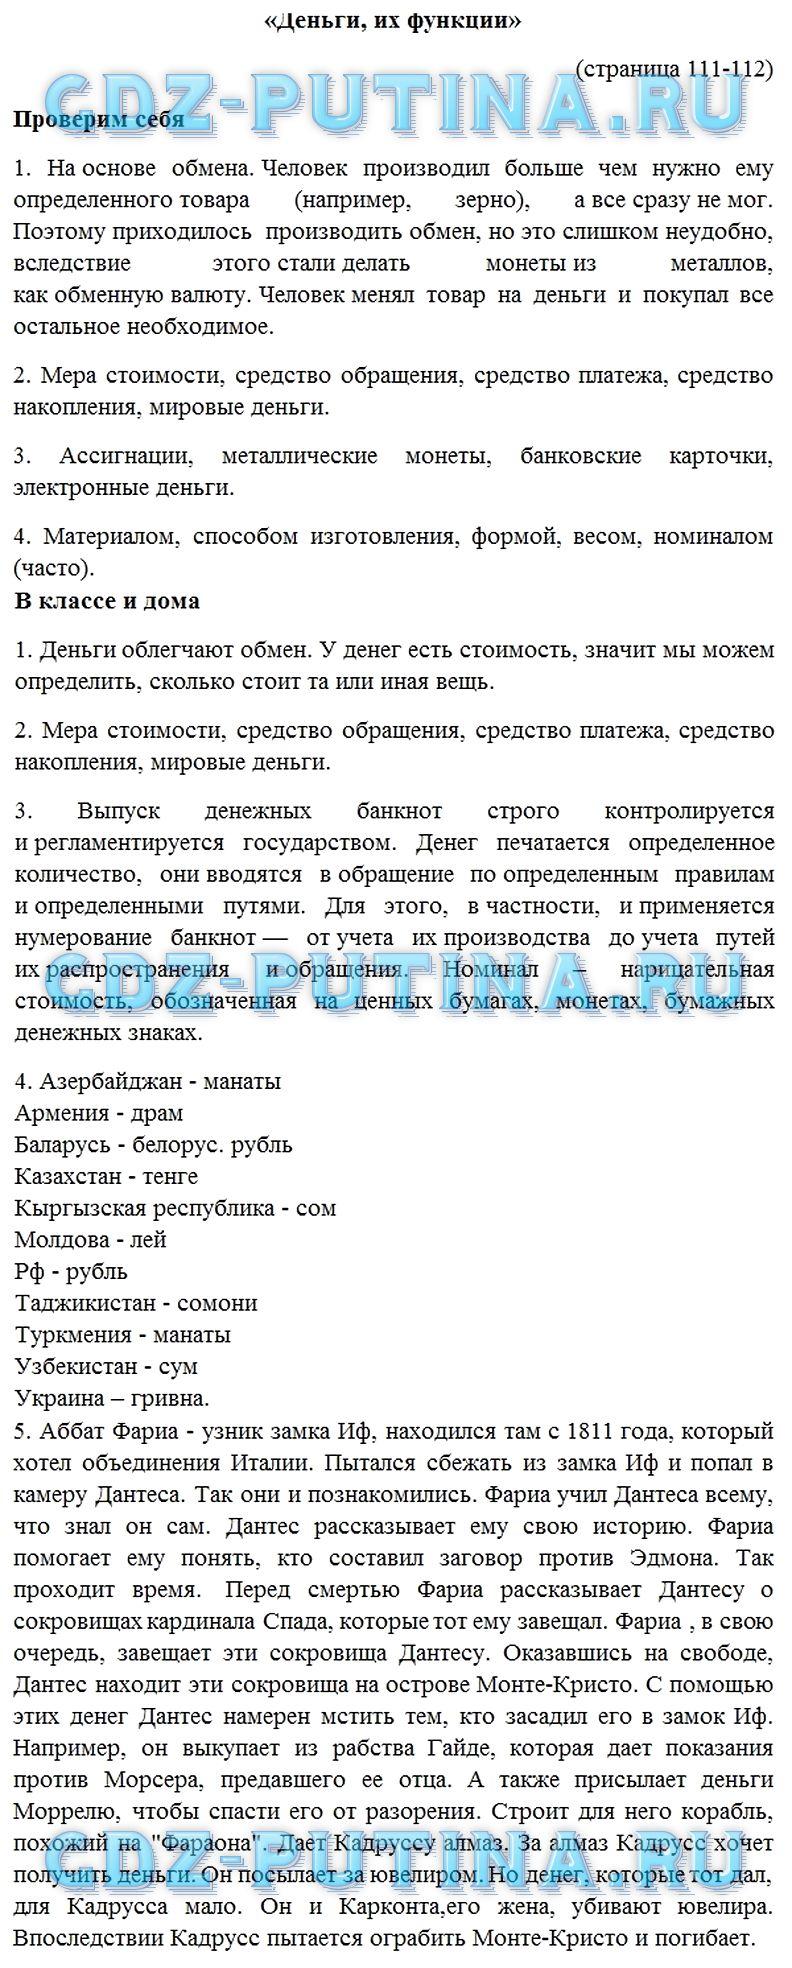 гдз 2005 обществознание класс 7 боголюбов